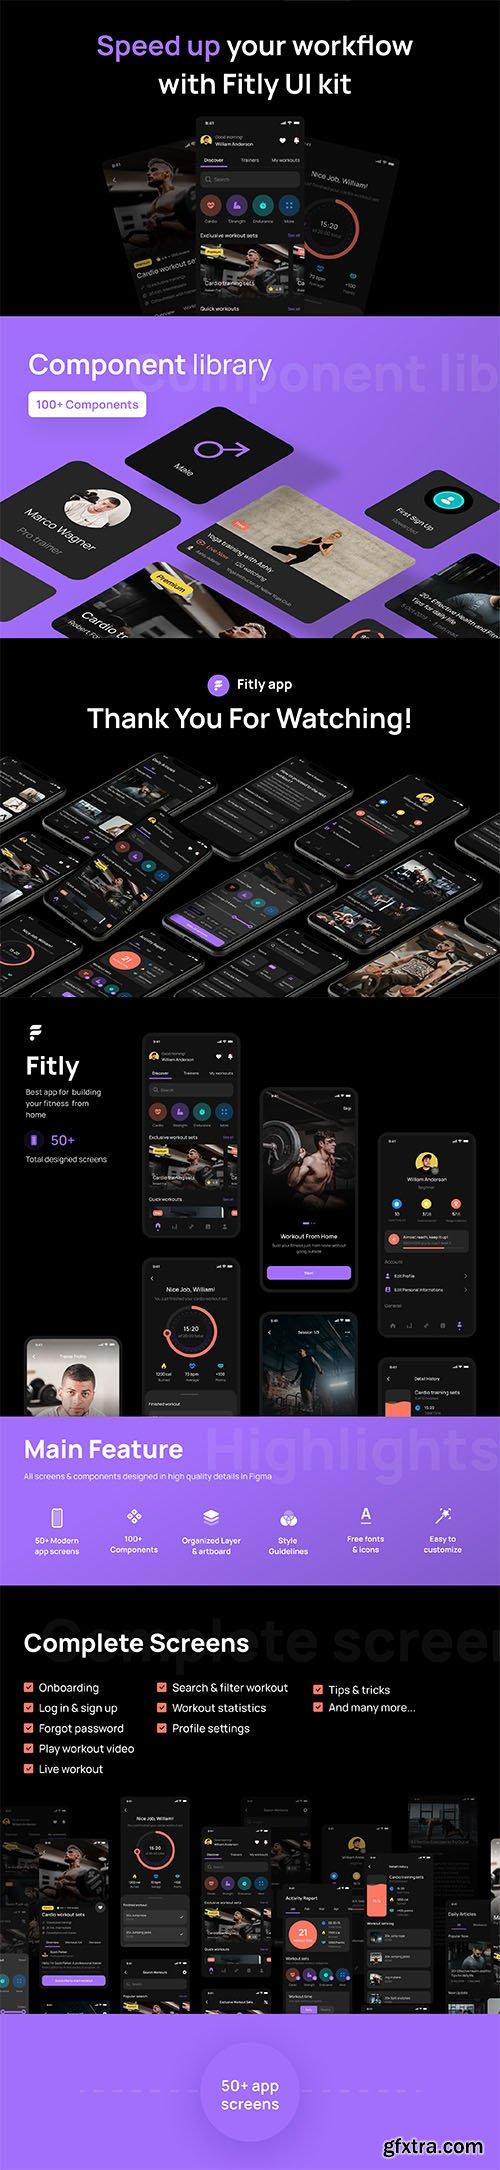 Fitly App - Modern Fitness App UI Design Kit